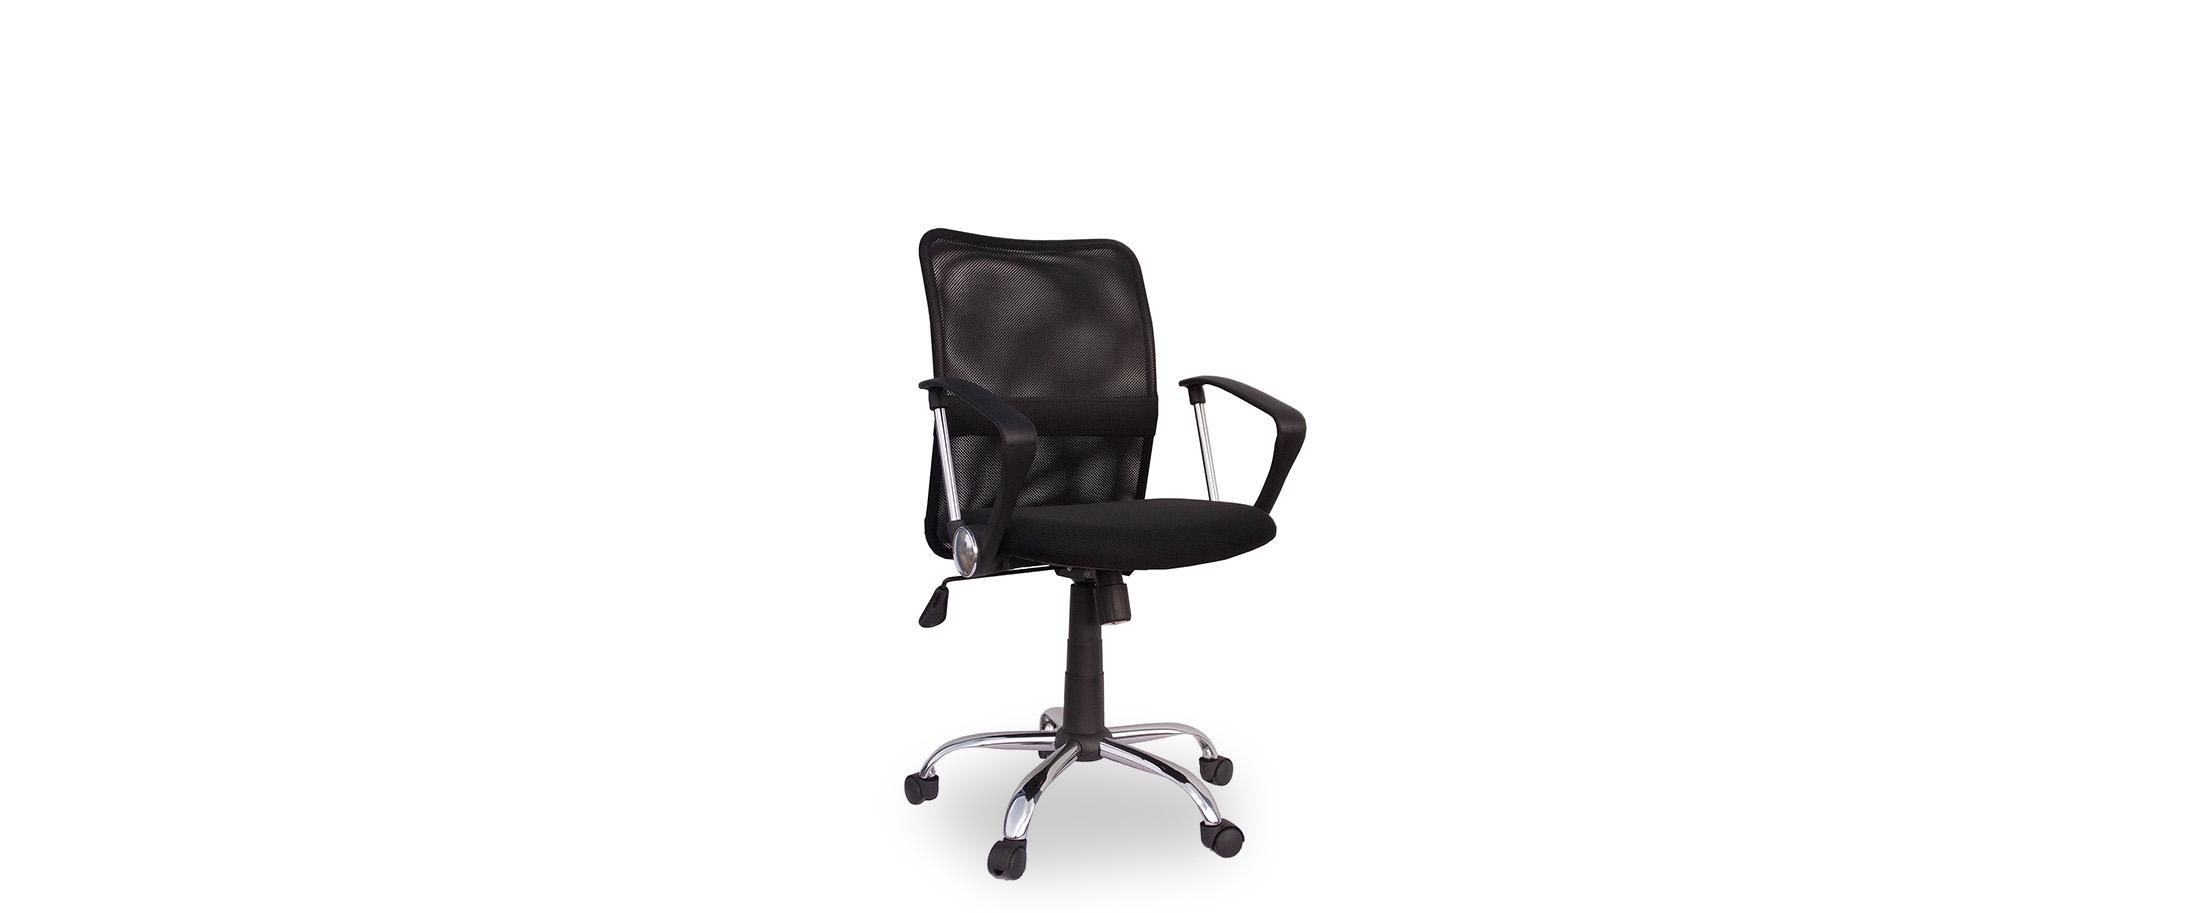 Кресло офисное Трикс Т-502 Модель 376Механизм подъёма и опускания: газ-лифт. Крестовина из хромированного металла. Максимальная нагрузка 120 кг. Доставка от 1 дня. Купить чёрное кресло в интернет-магазине MOON TRADE.<br>